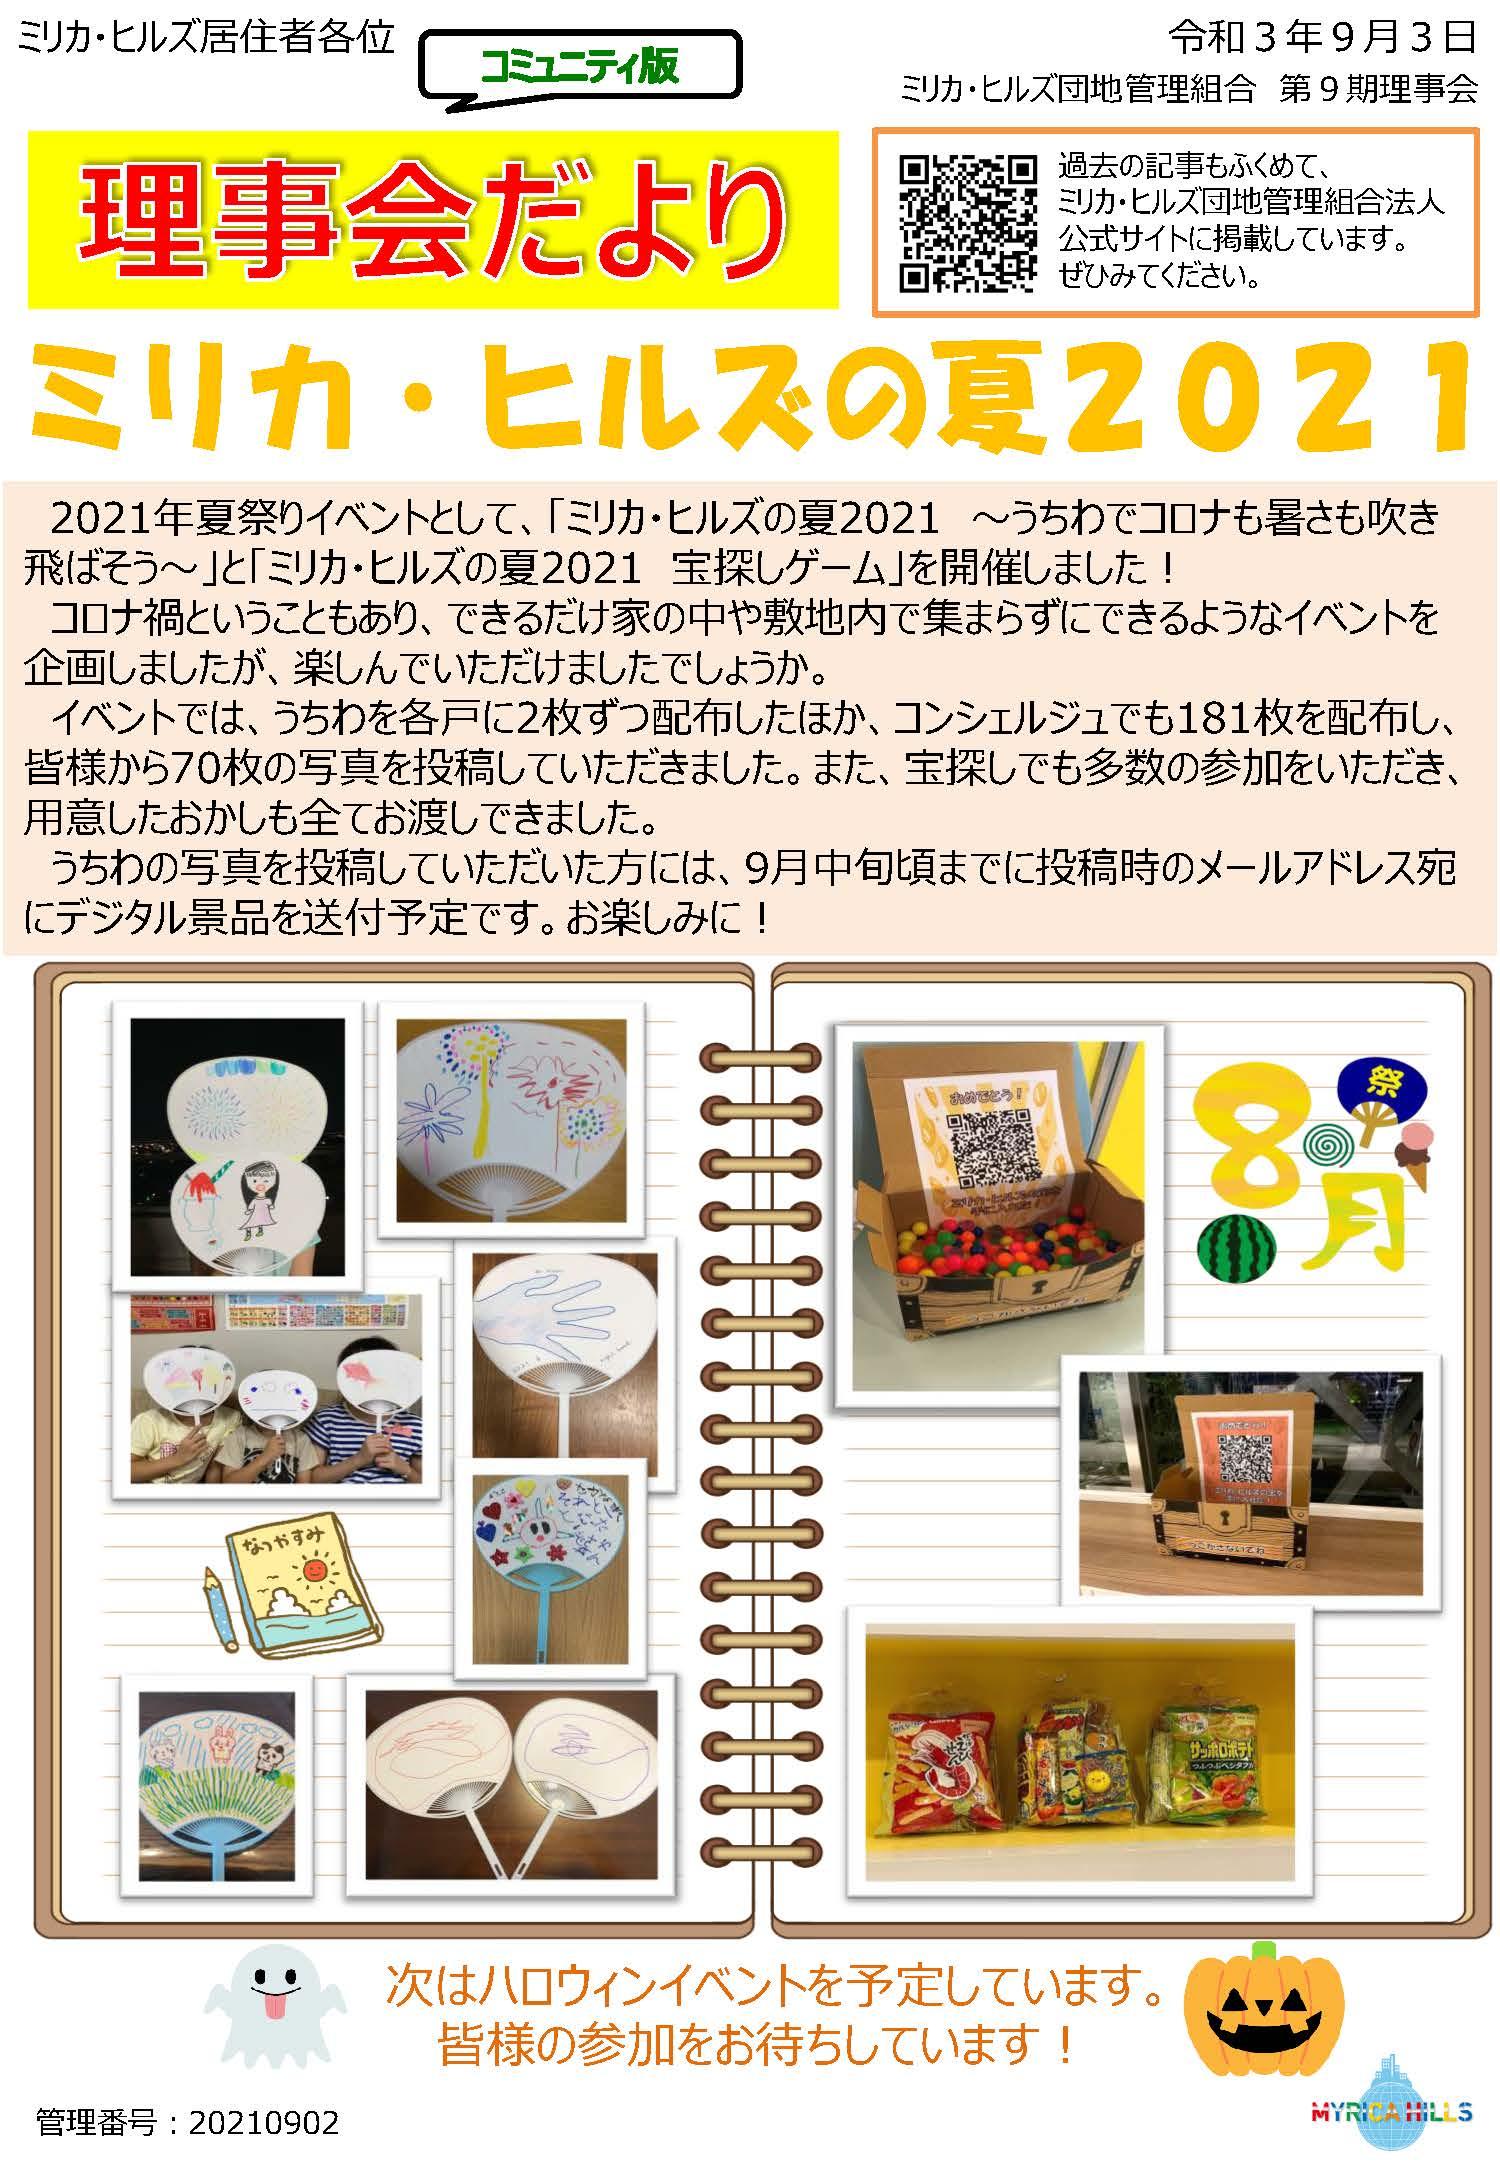 【理事会だより】夏祭り2021を開催